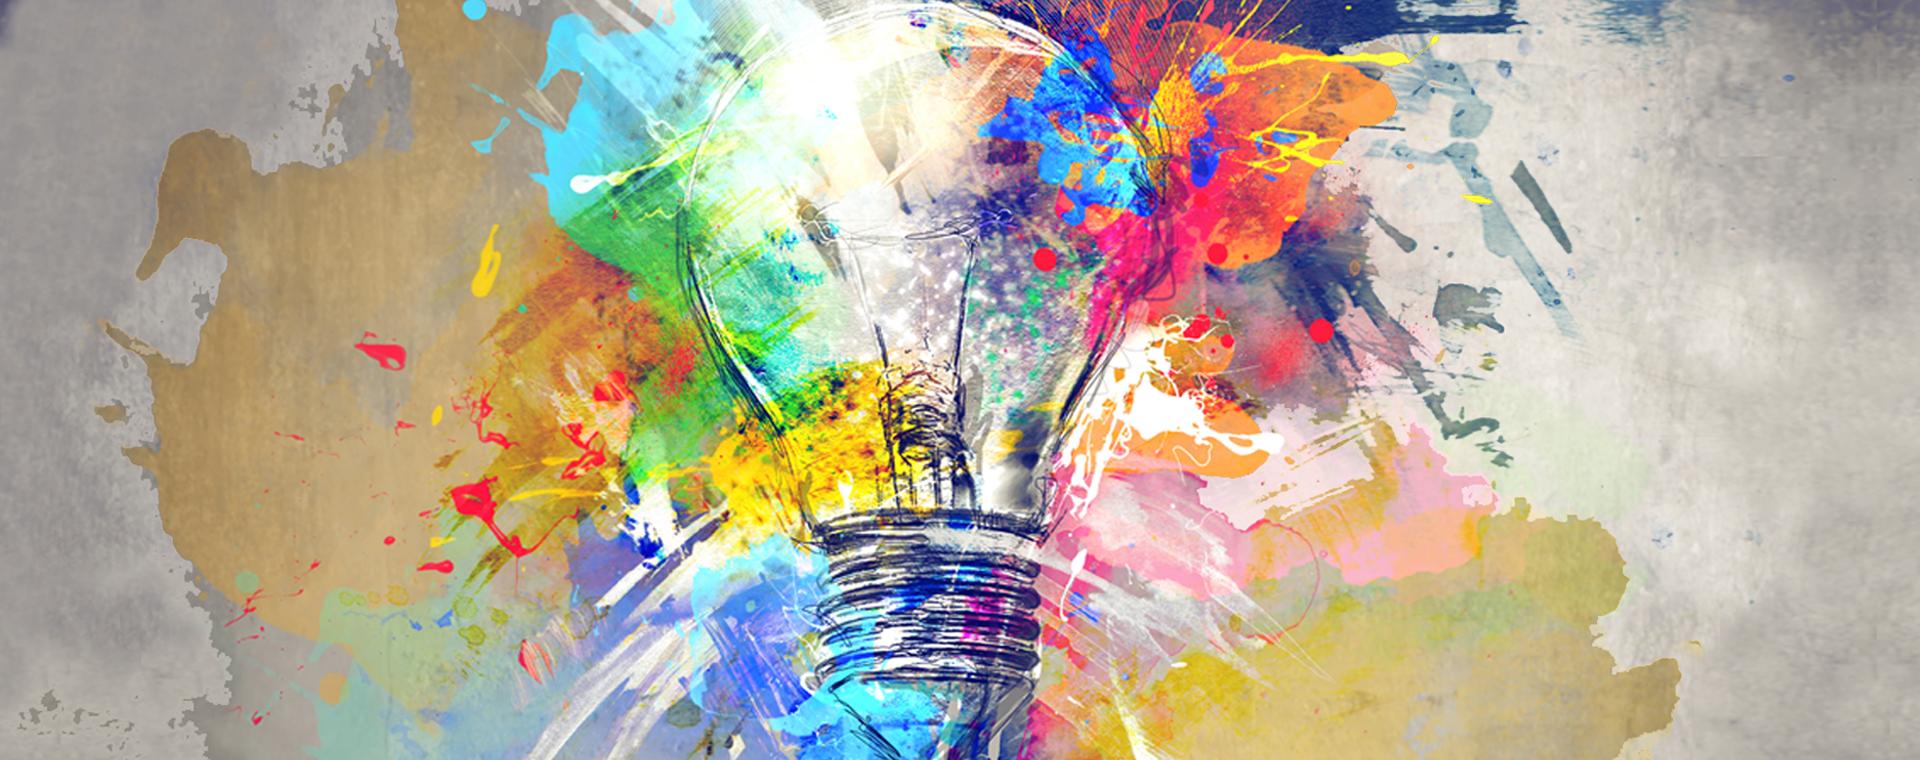 Hai un'idea per un'impresa culturale e creativa? C'è tempo fino al 15 maggio per presentarla.